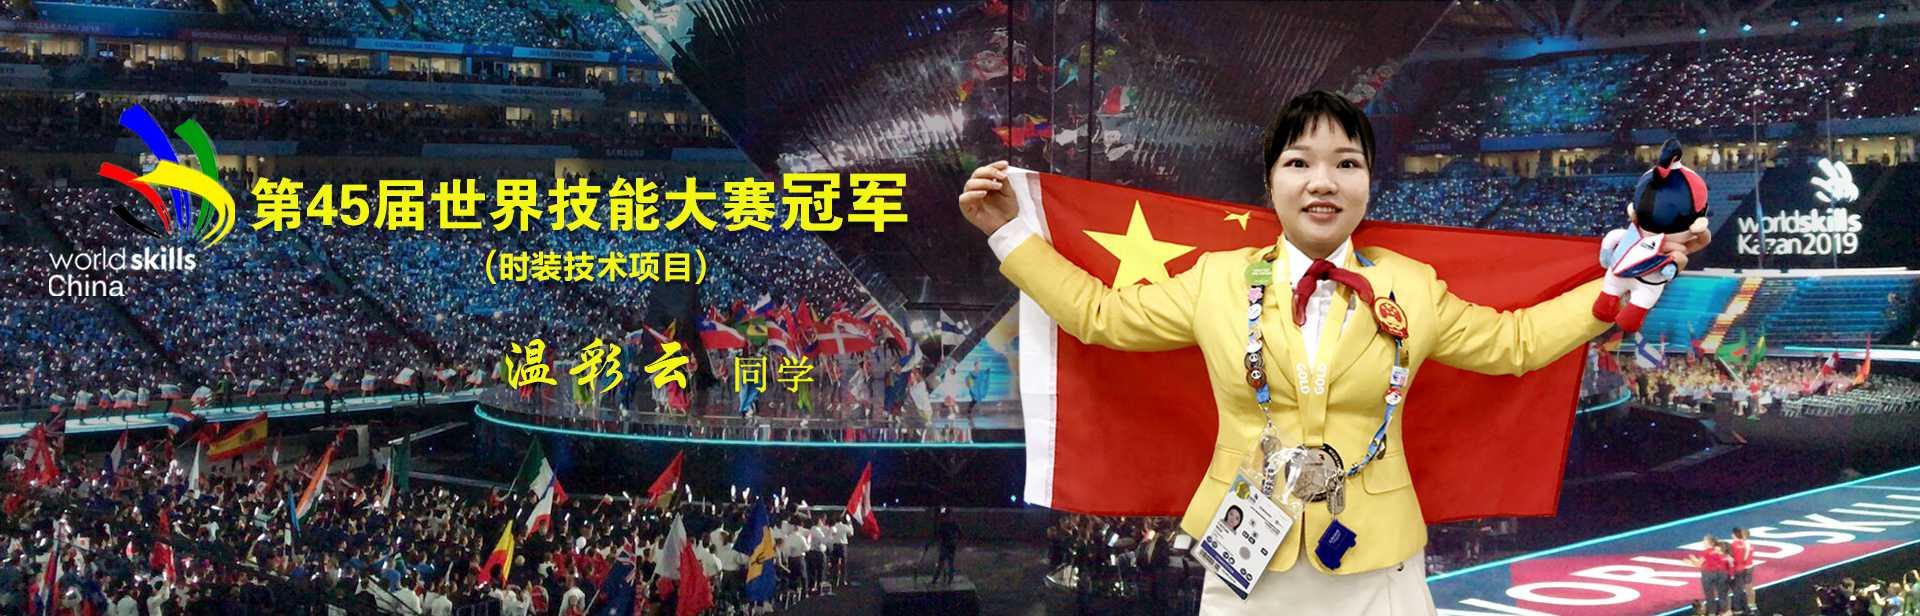 广州白云工商技师学院温彩云同学获得世界技能大赛金牌